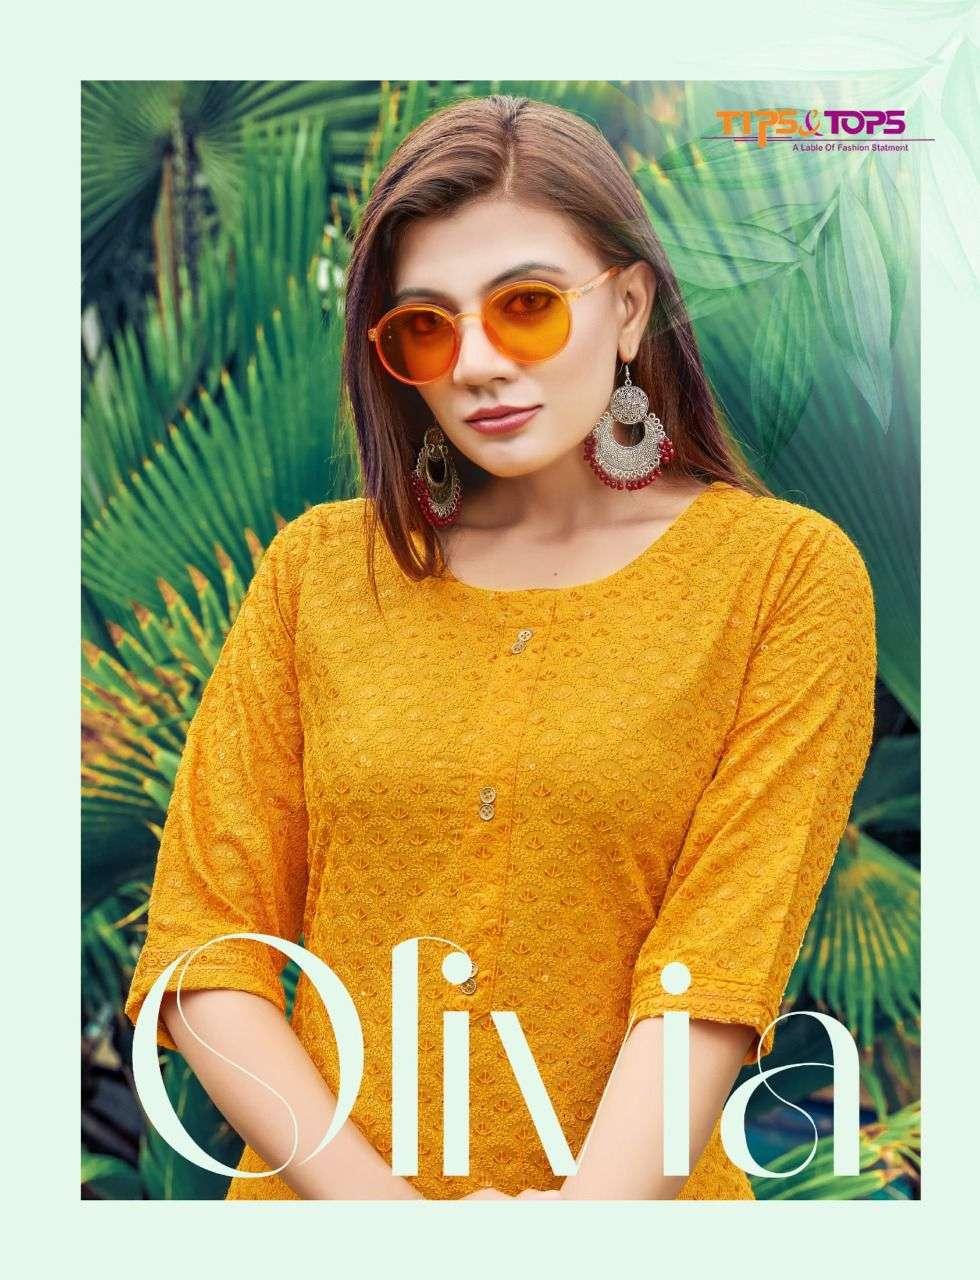 tips and tops olivia vol 2 chikan rayon kurtis supplier